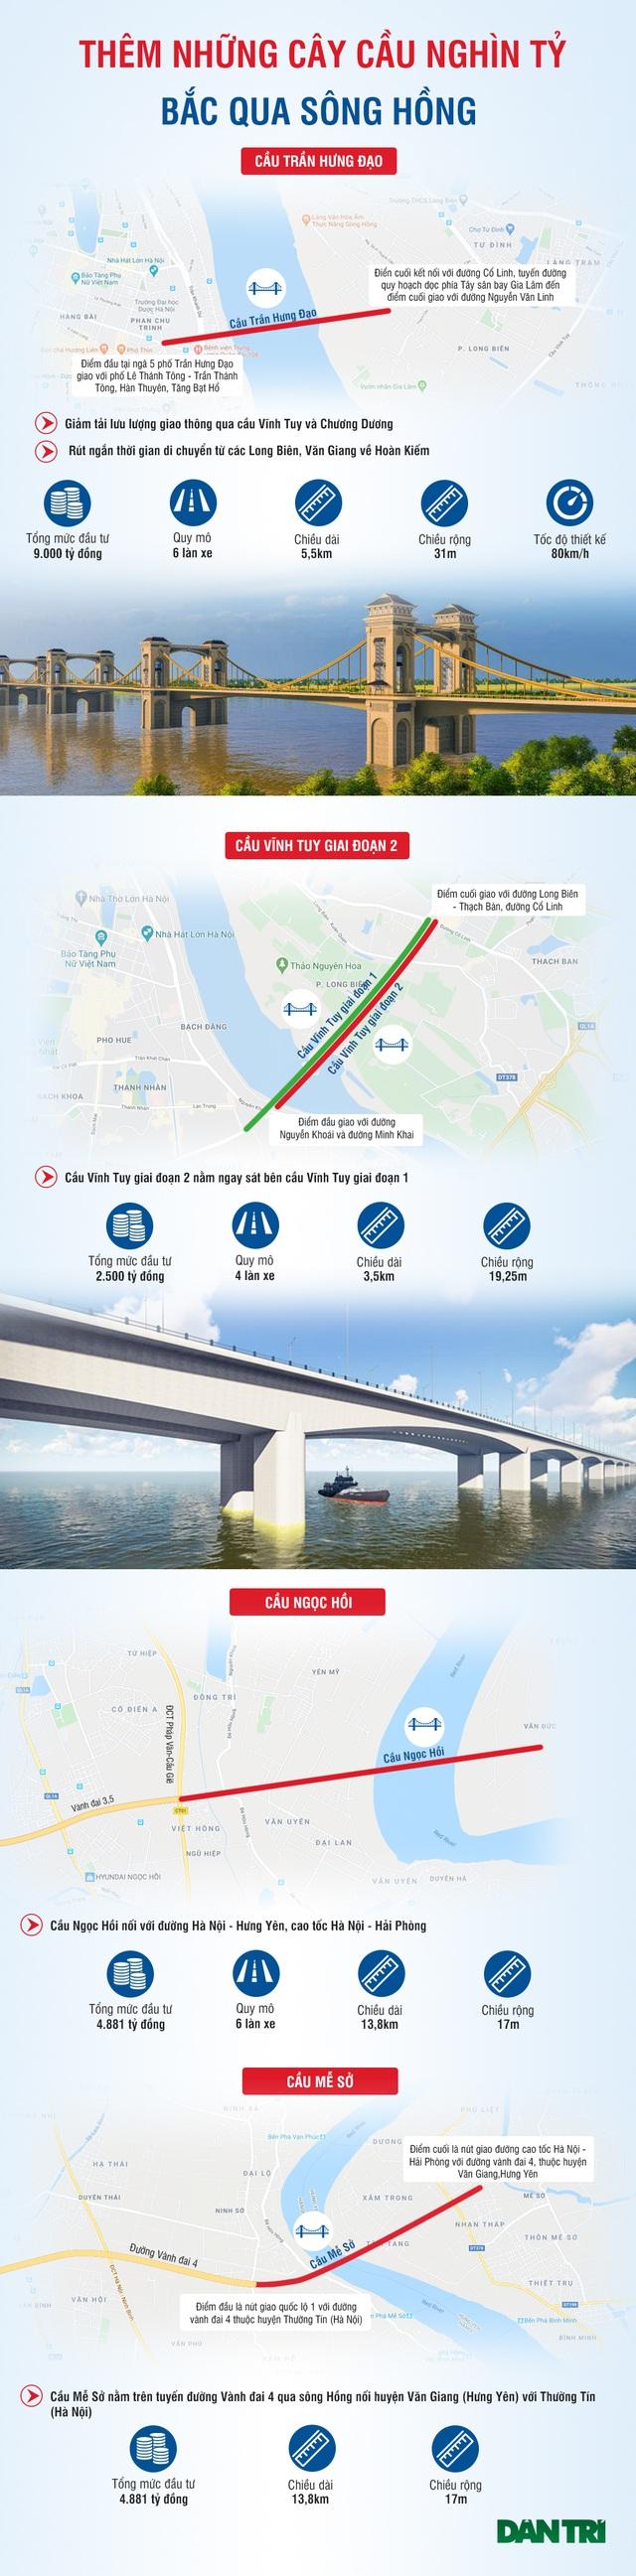 Điểm danh những cây cầu nghìn tỷ bắc qua sông Hồng sắp được xây dựng ở Hà Nội